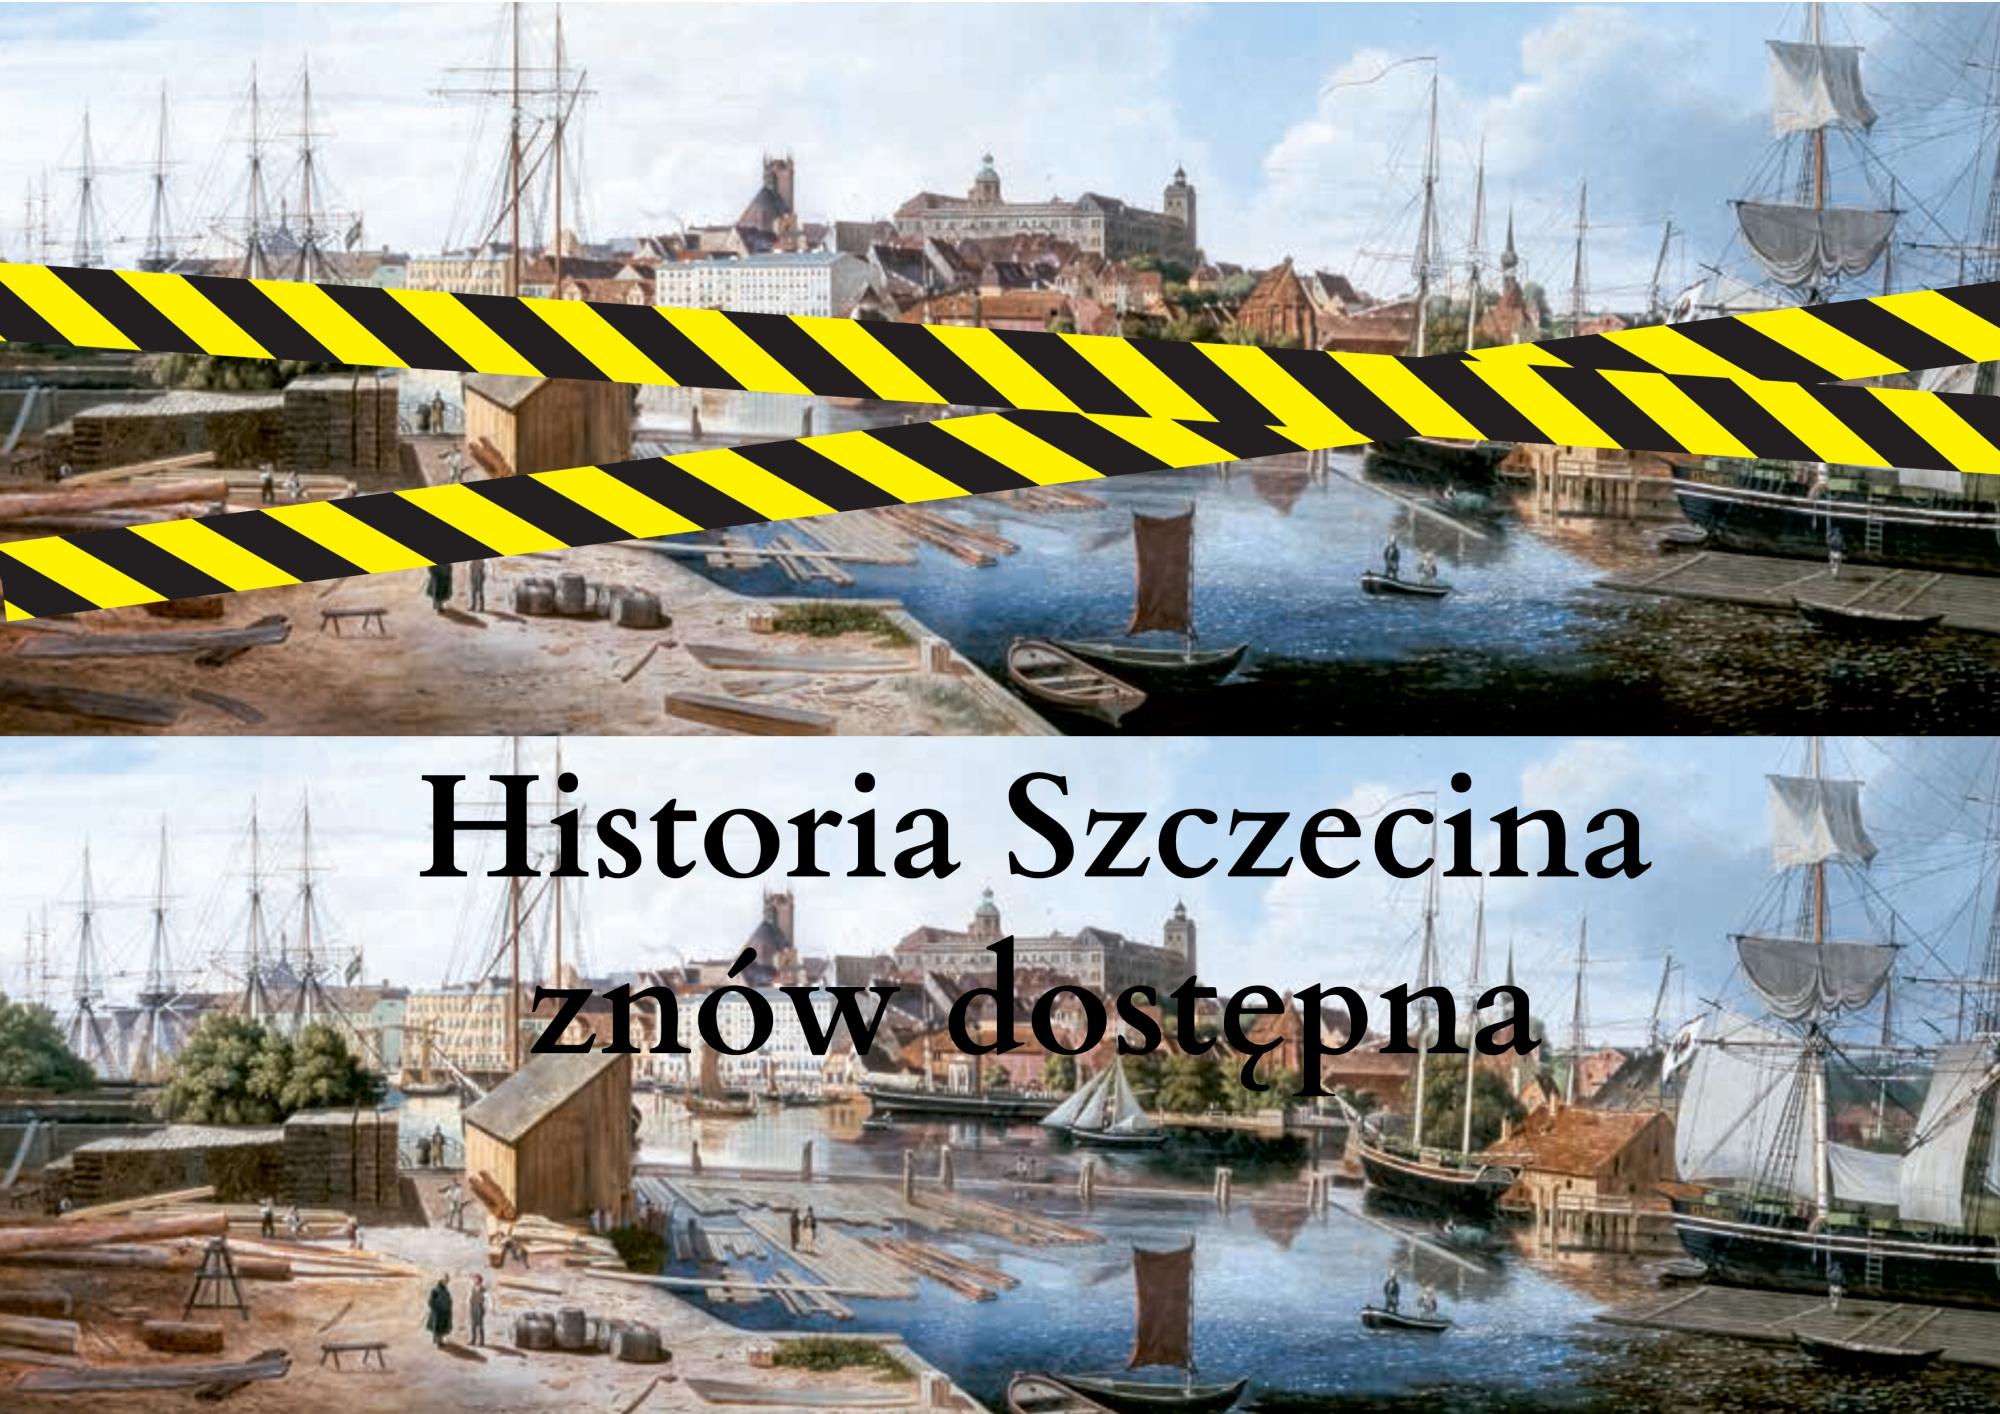 Muzeum Tradycji Regionalnych Muzeum Historii Szczecina otwarcie czerwiec 2020